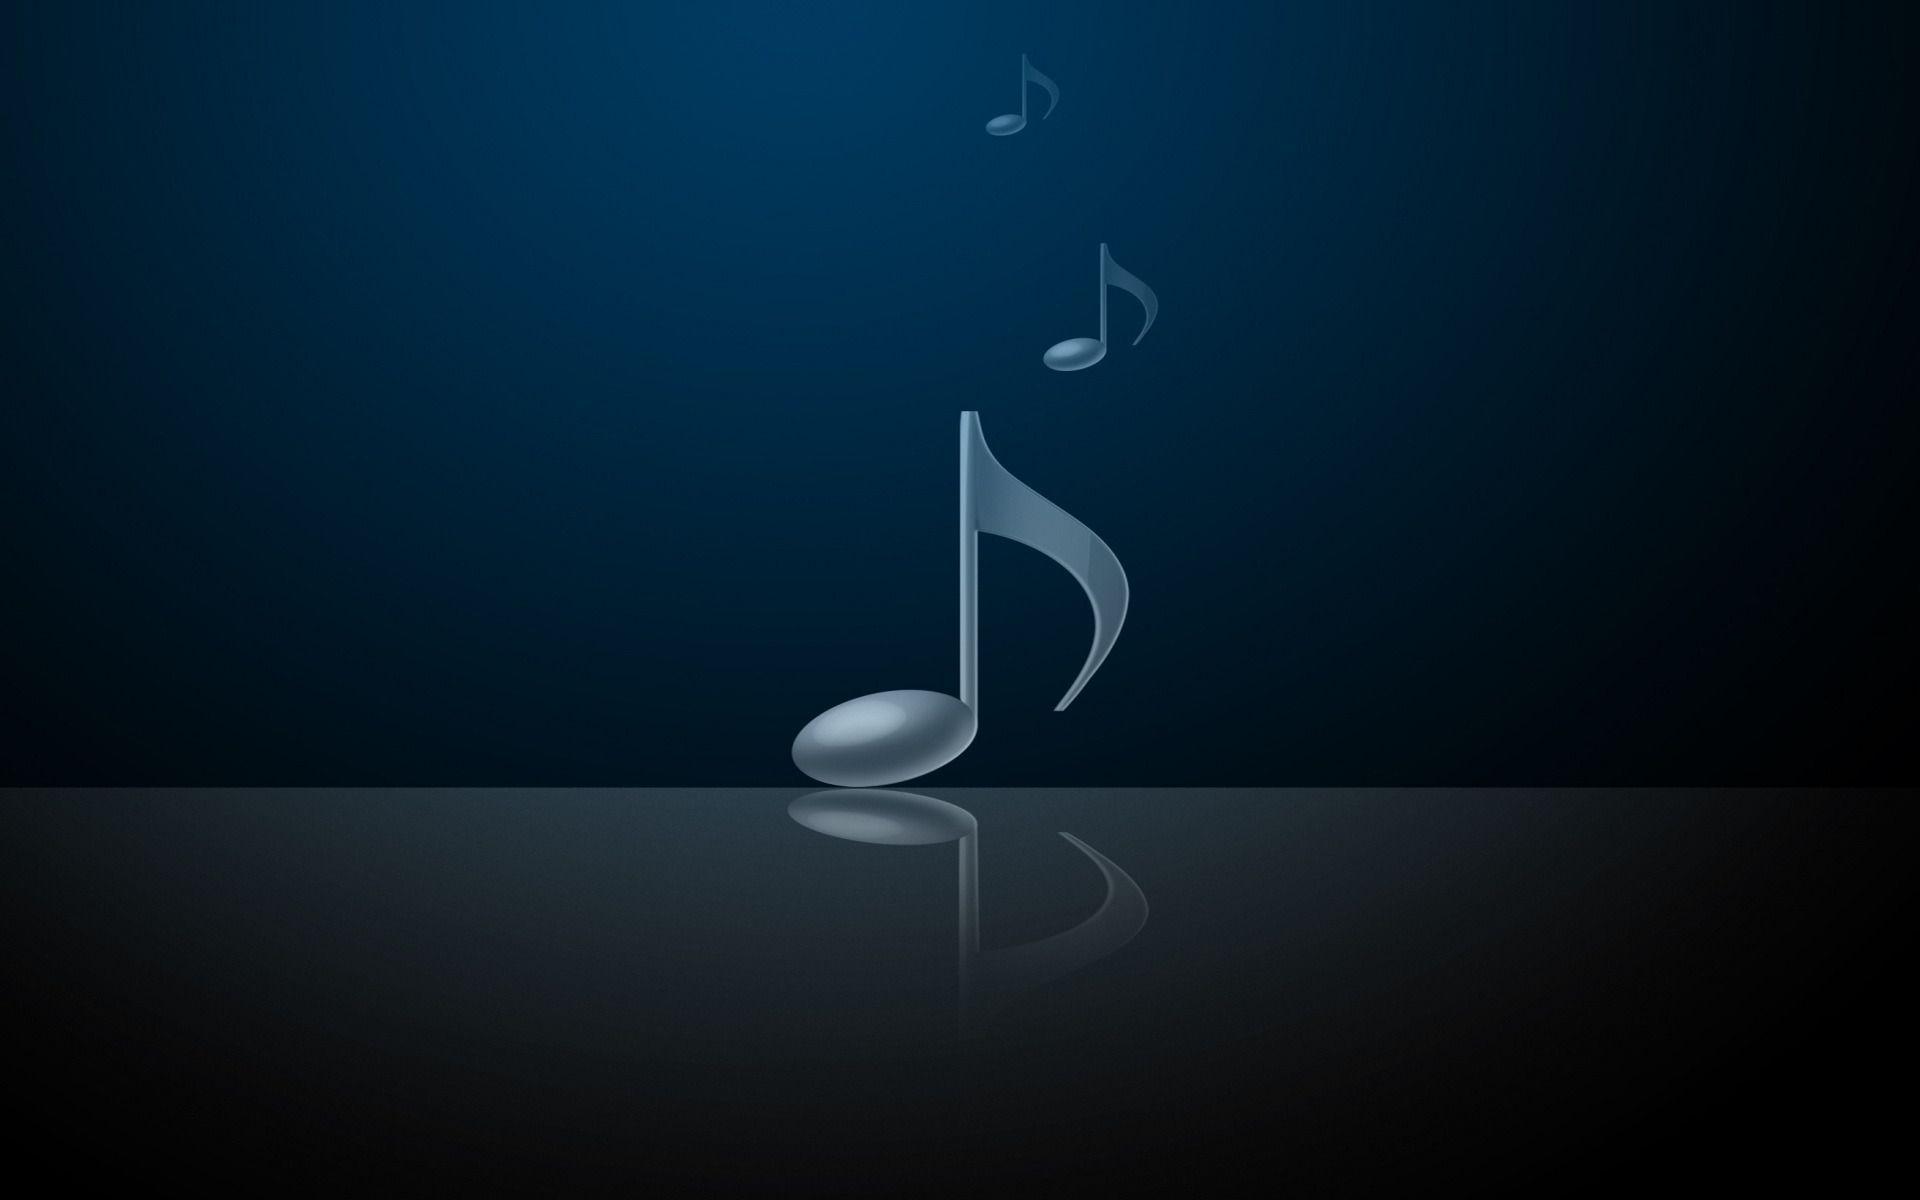 Top Wallpaper Mac Music - a393786533dfc423b8550939990f8b77  HD_624334.jpg